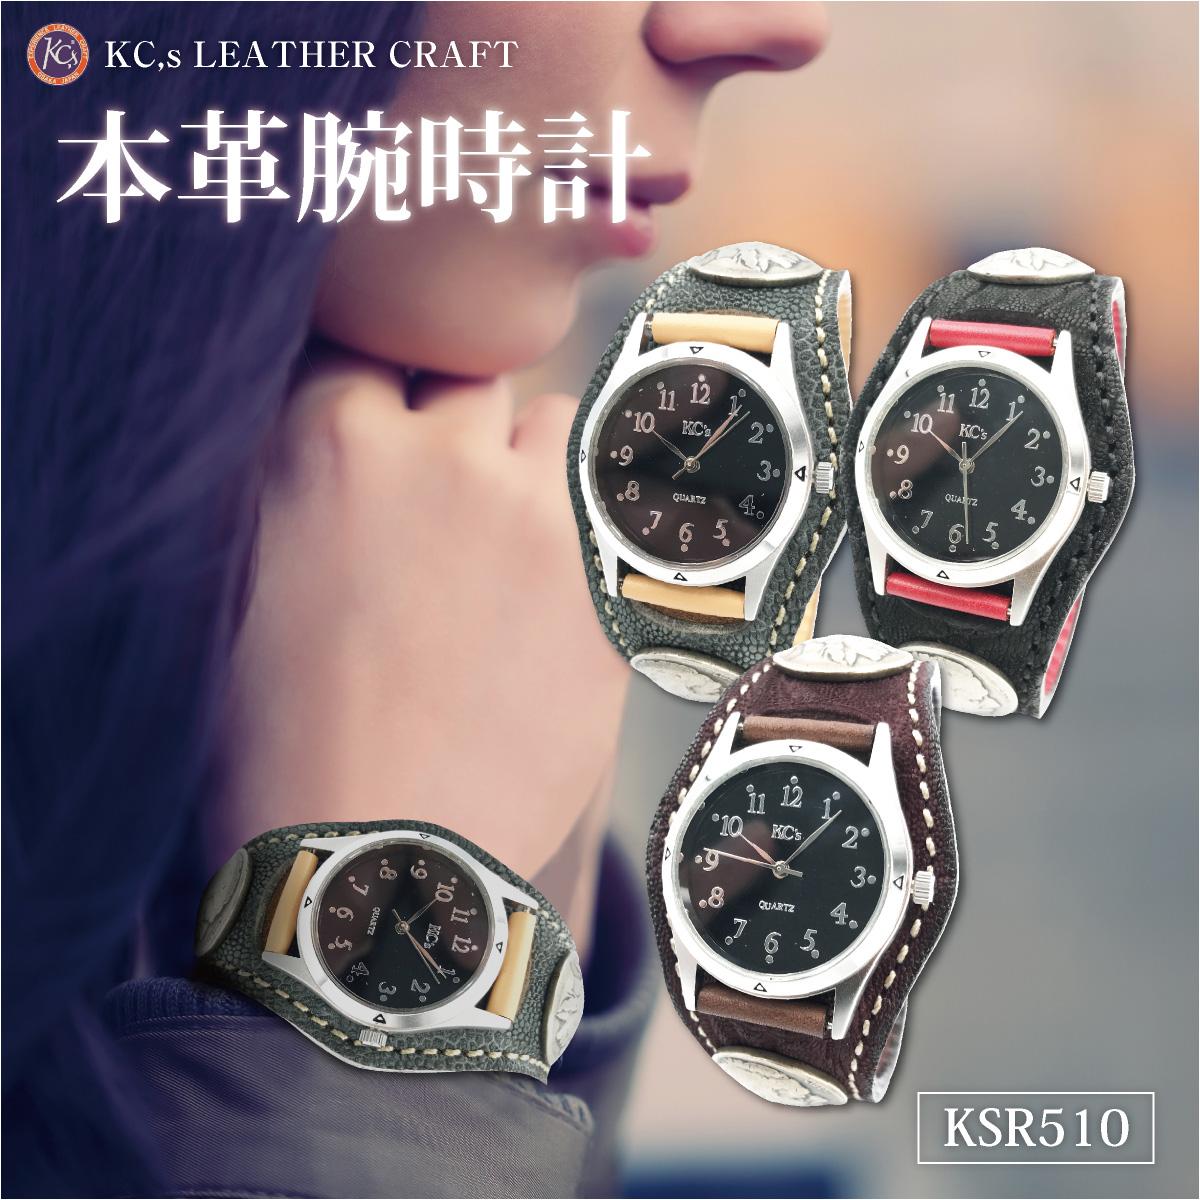 腕時計 メンズ レディース 本革 革 レザー KC,s ケーシーズ ケイシイズ 3コンチョ エレファント 像革 レザーブレスレット ksr510